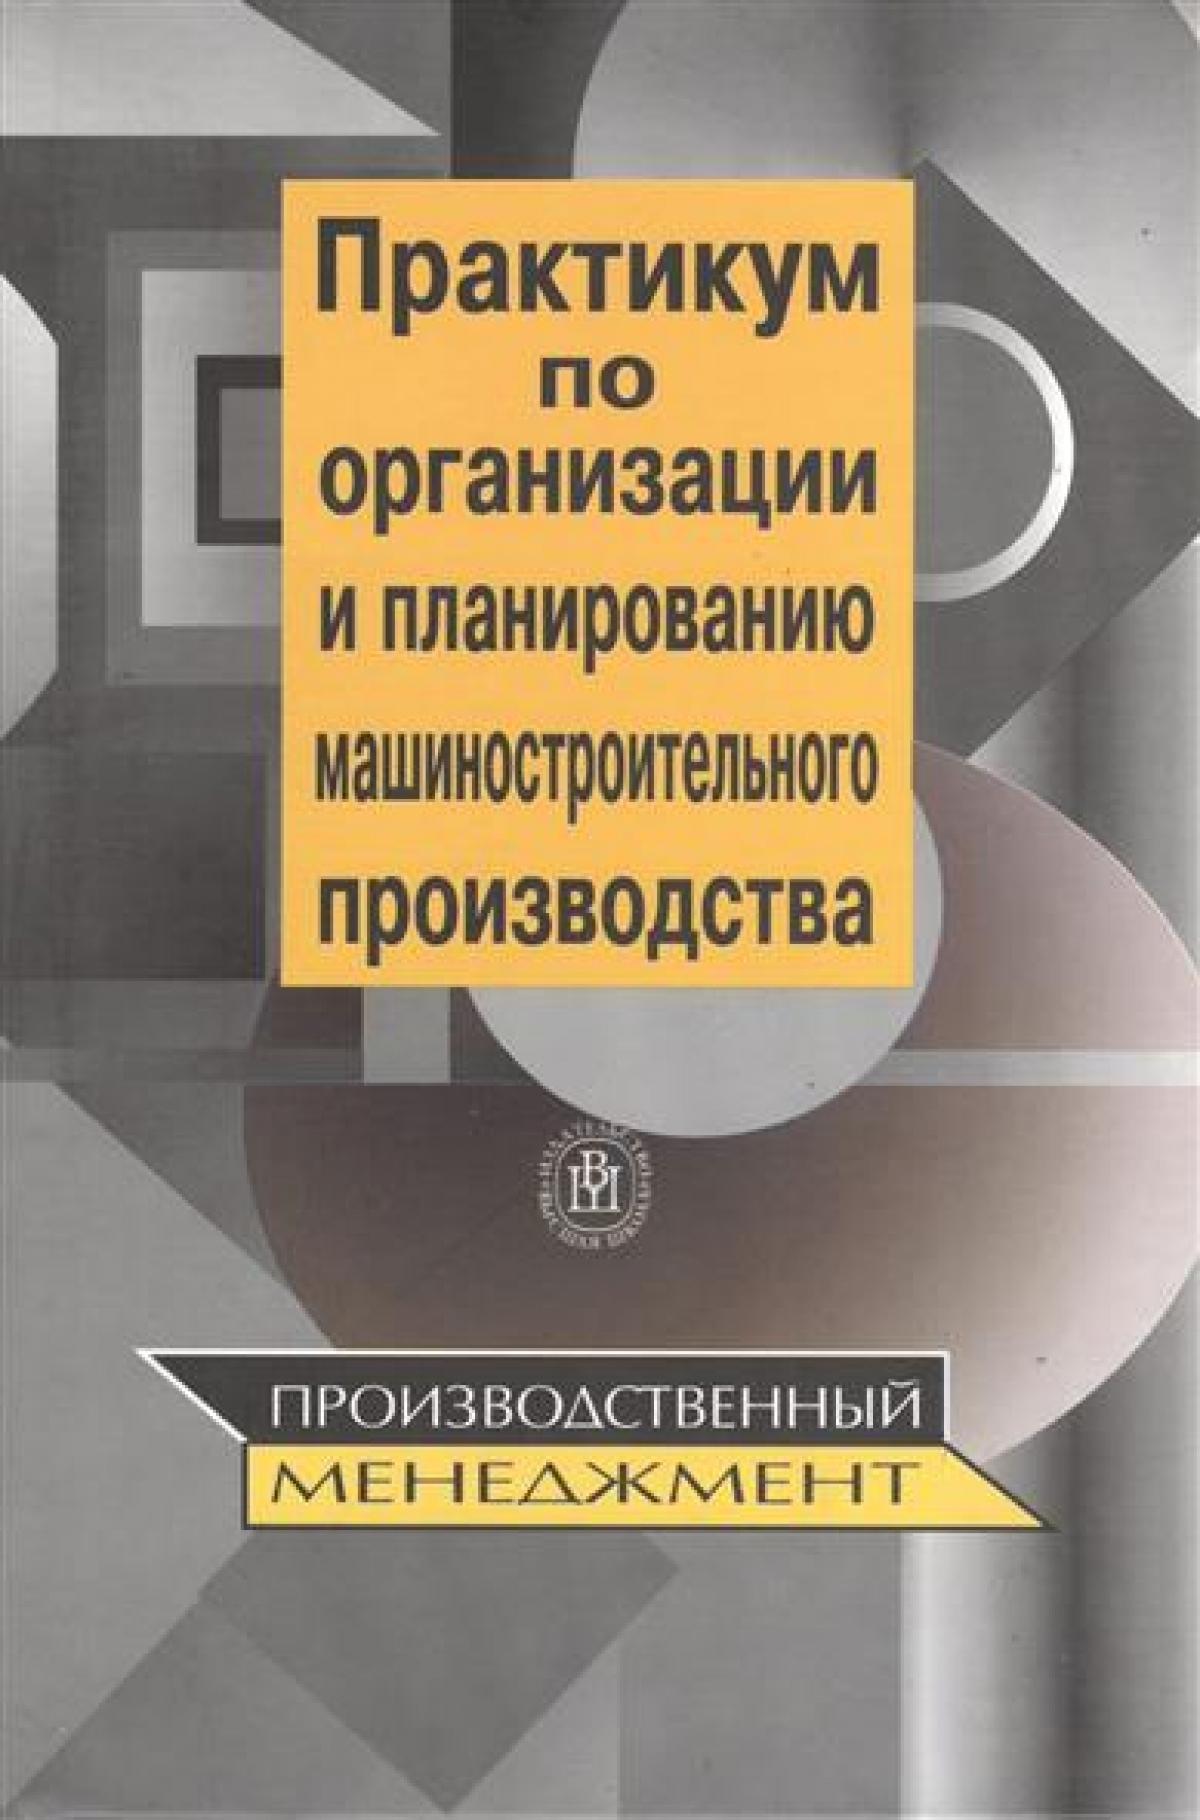 Обложка книги:  ю.в. скворцова - основы проектирования машиностроительного производства (учебник).